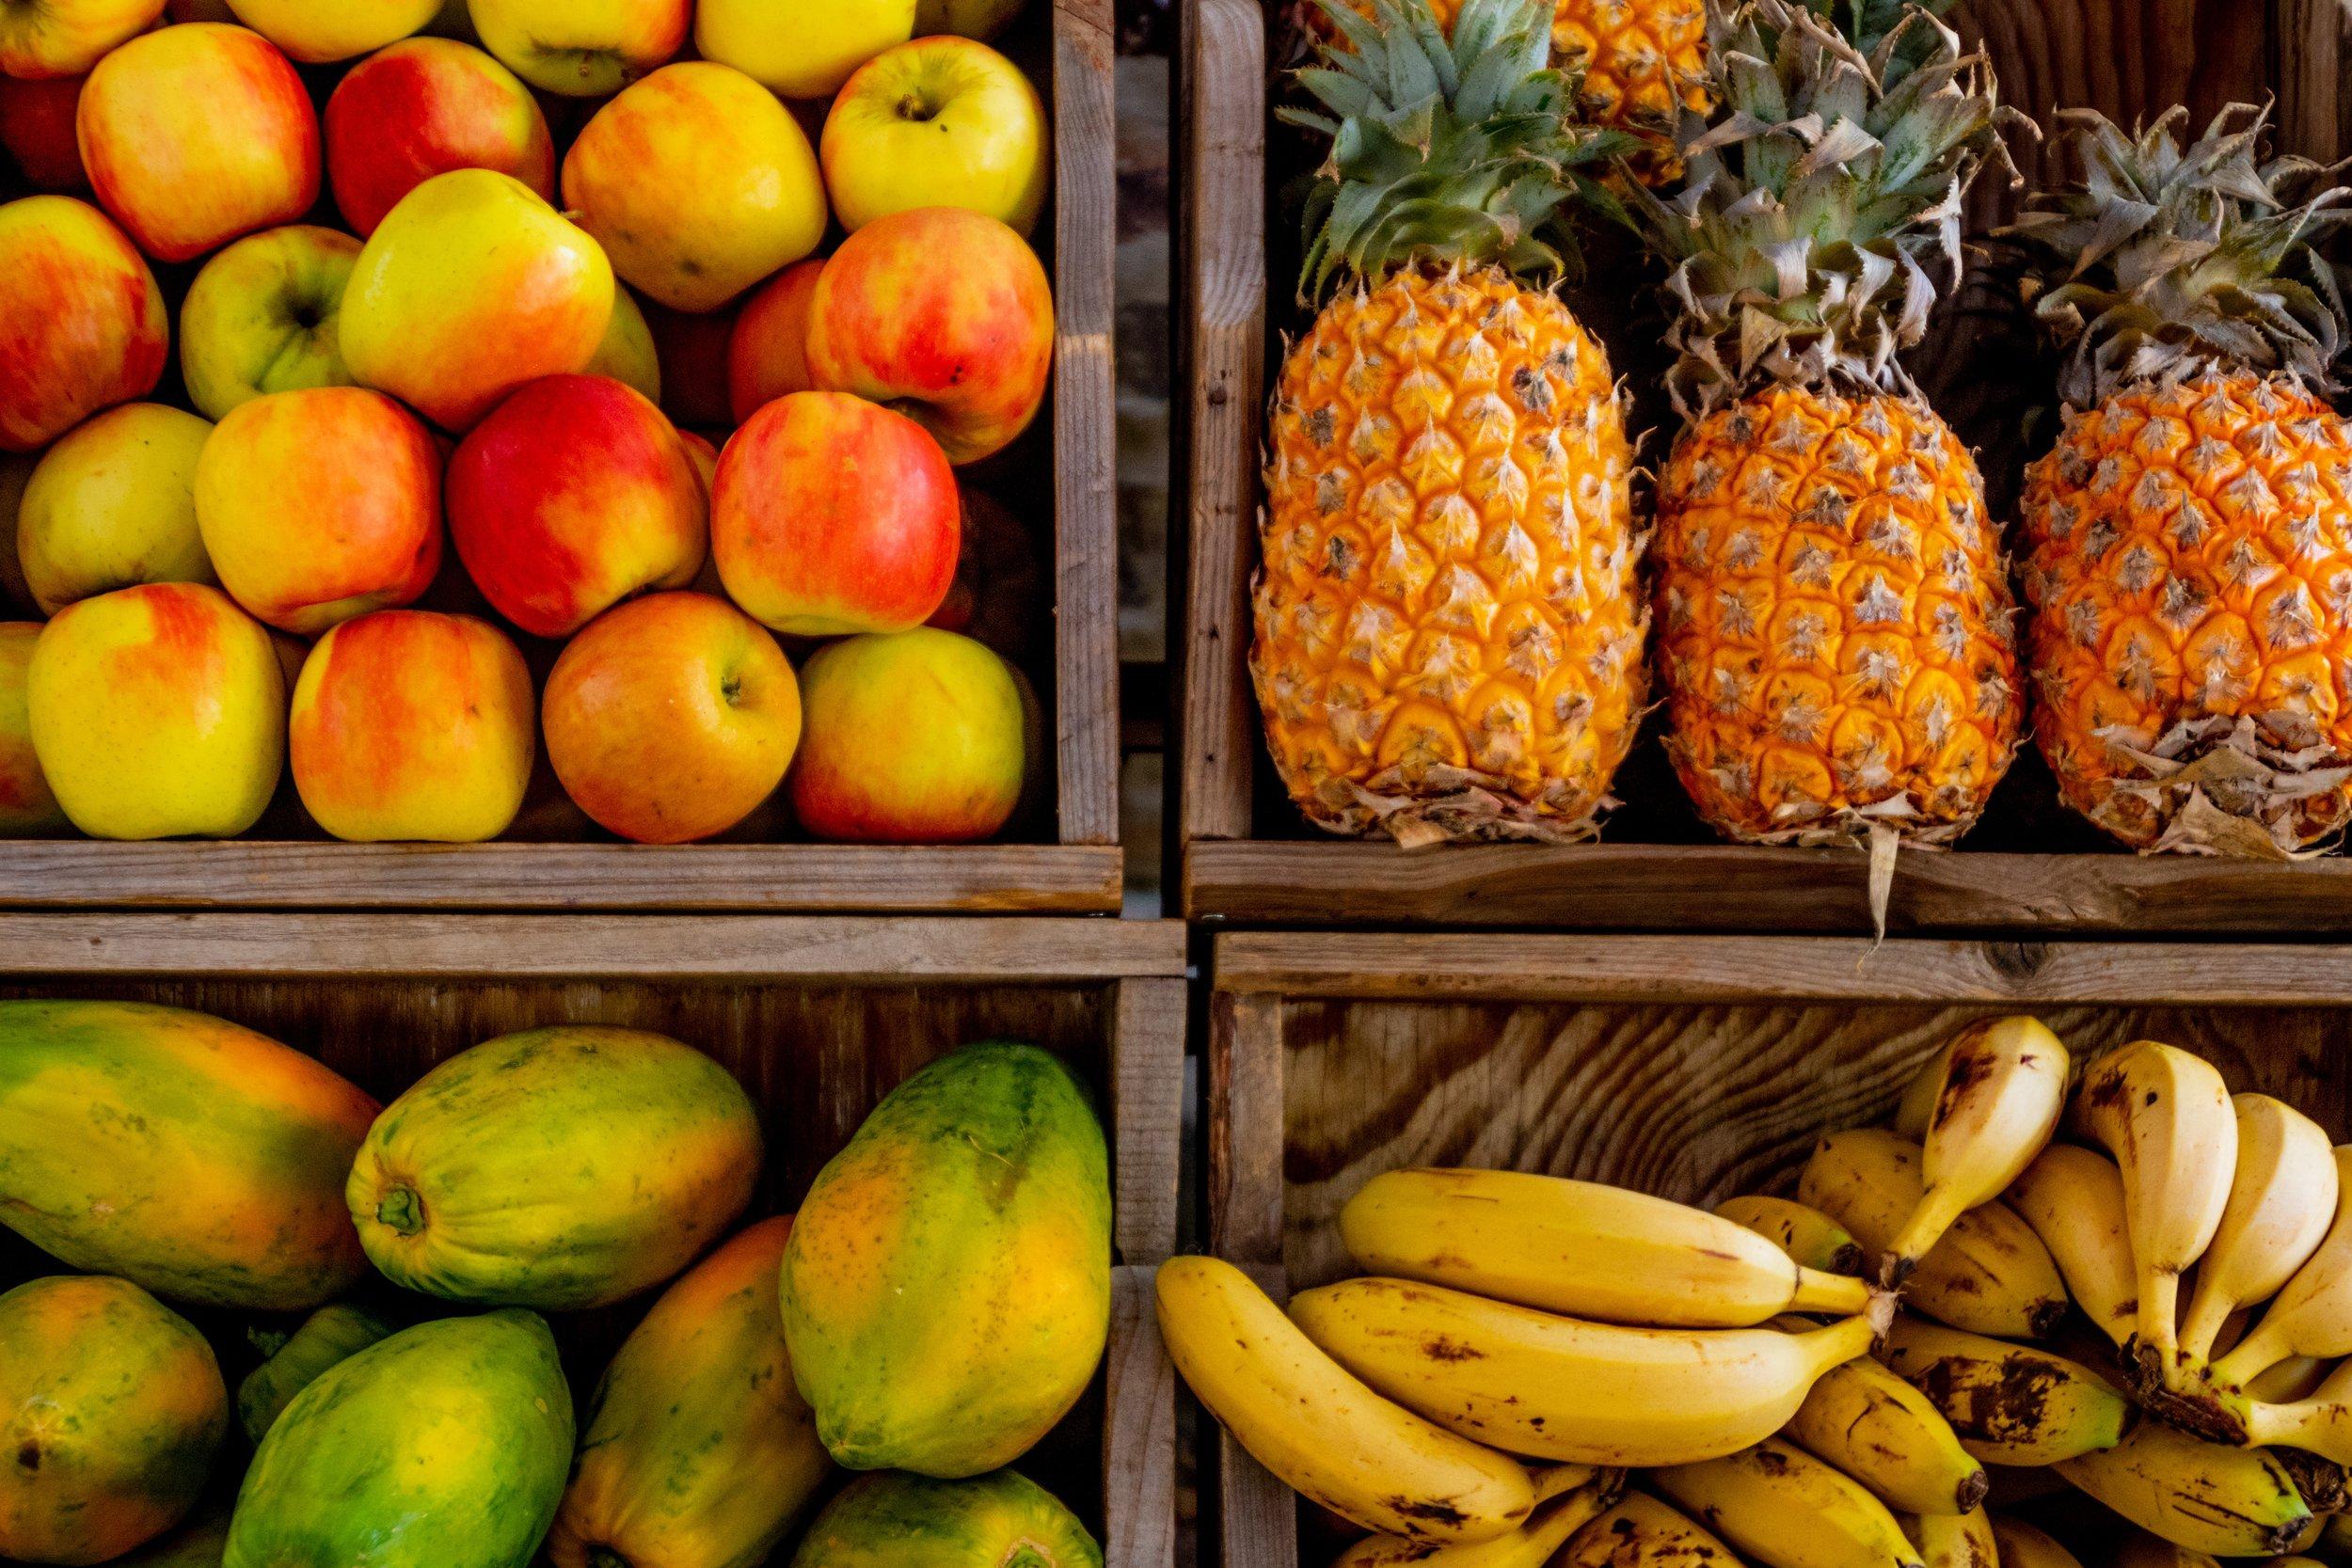 apples-bananas-close-up-1300975.jpg